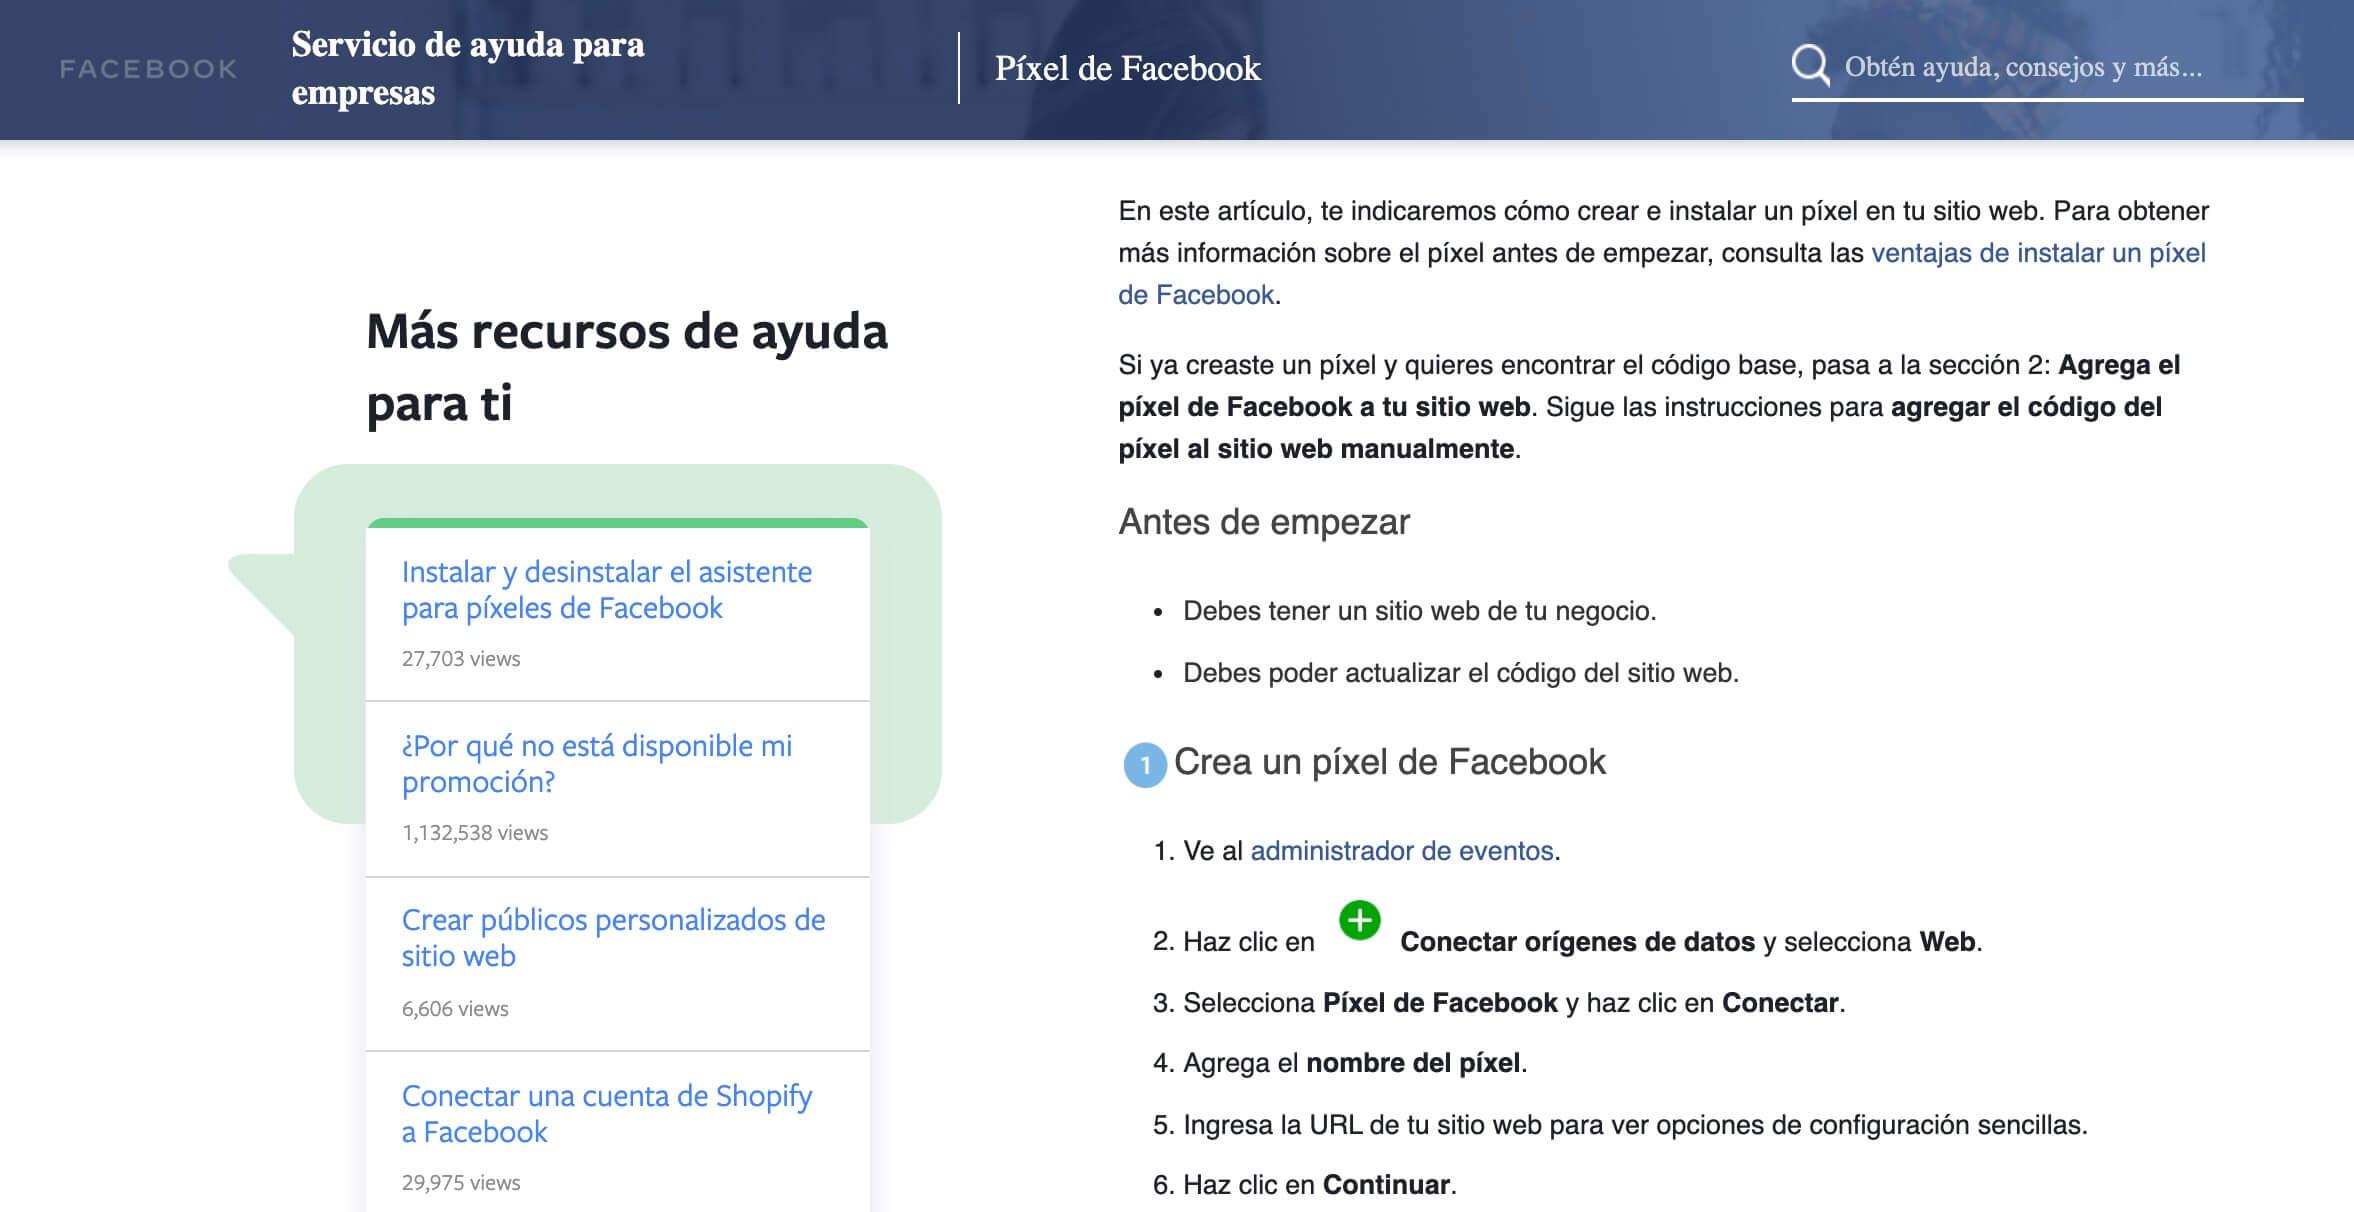 Pixel de Facebook, herramienta de análisis de publicidad de Facebook